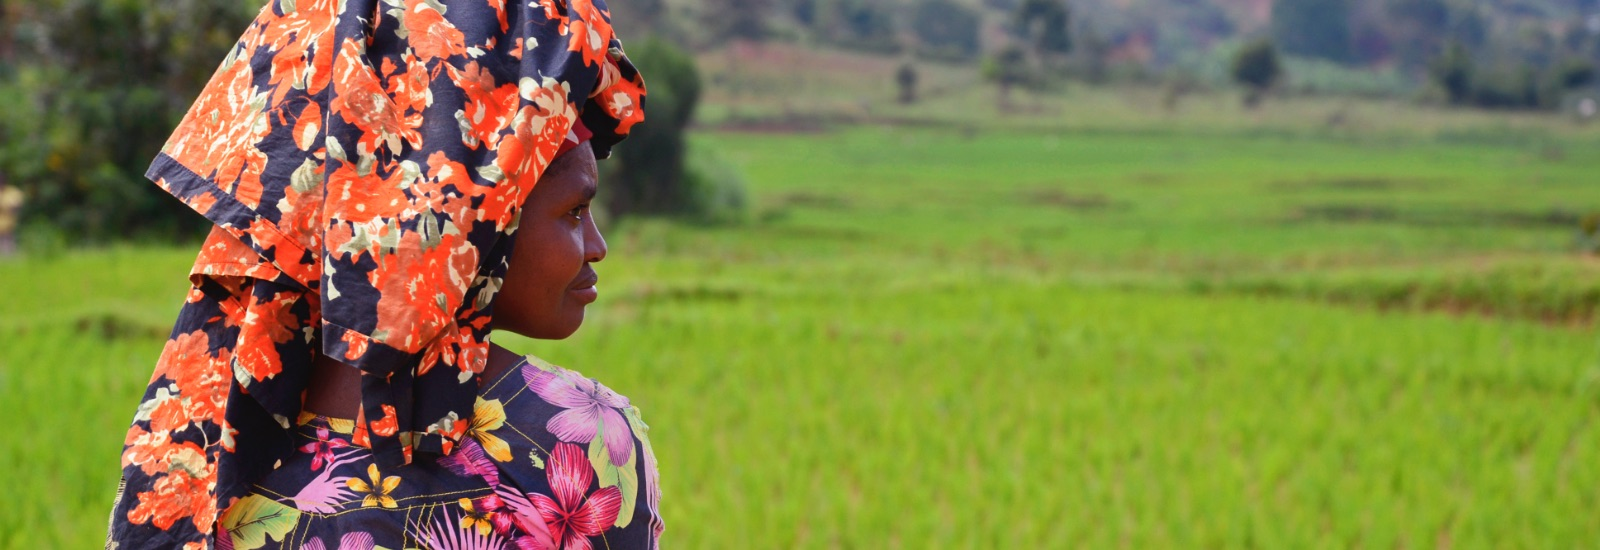 Frau mit Kopftuch blickt in die Landschaft